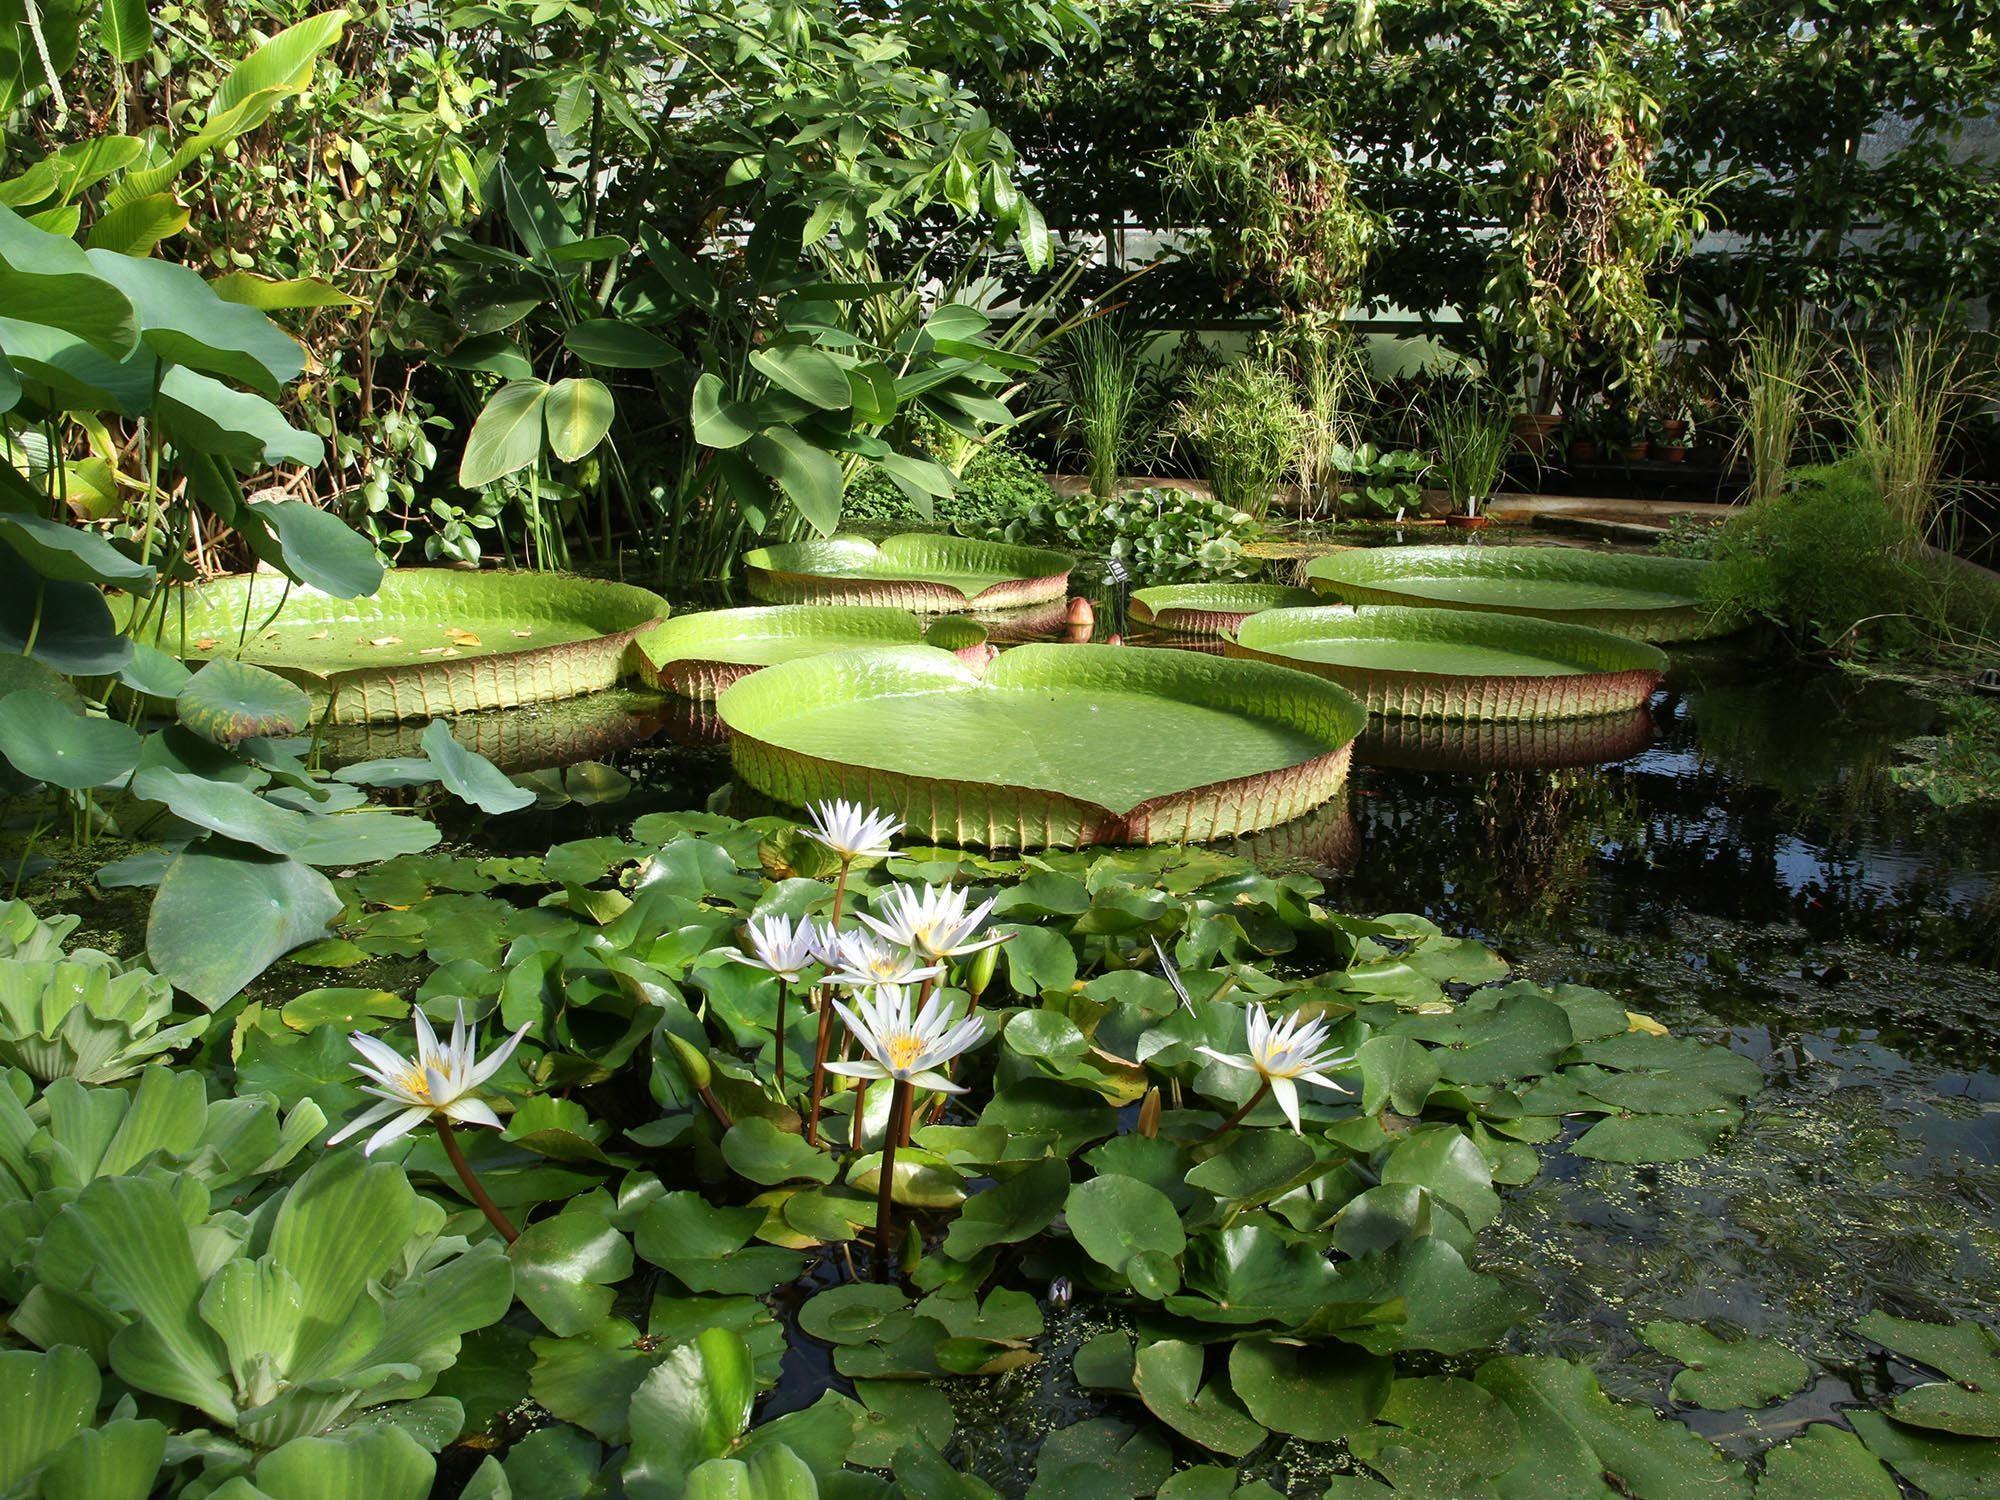 牛津大学植物园(the botanic garden)是英国最古老最经典的植物园